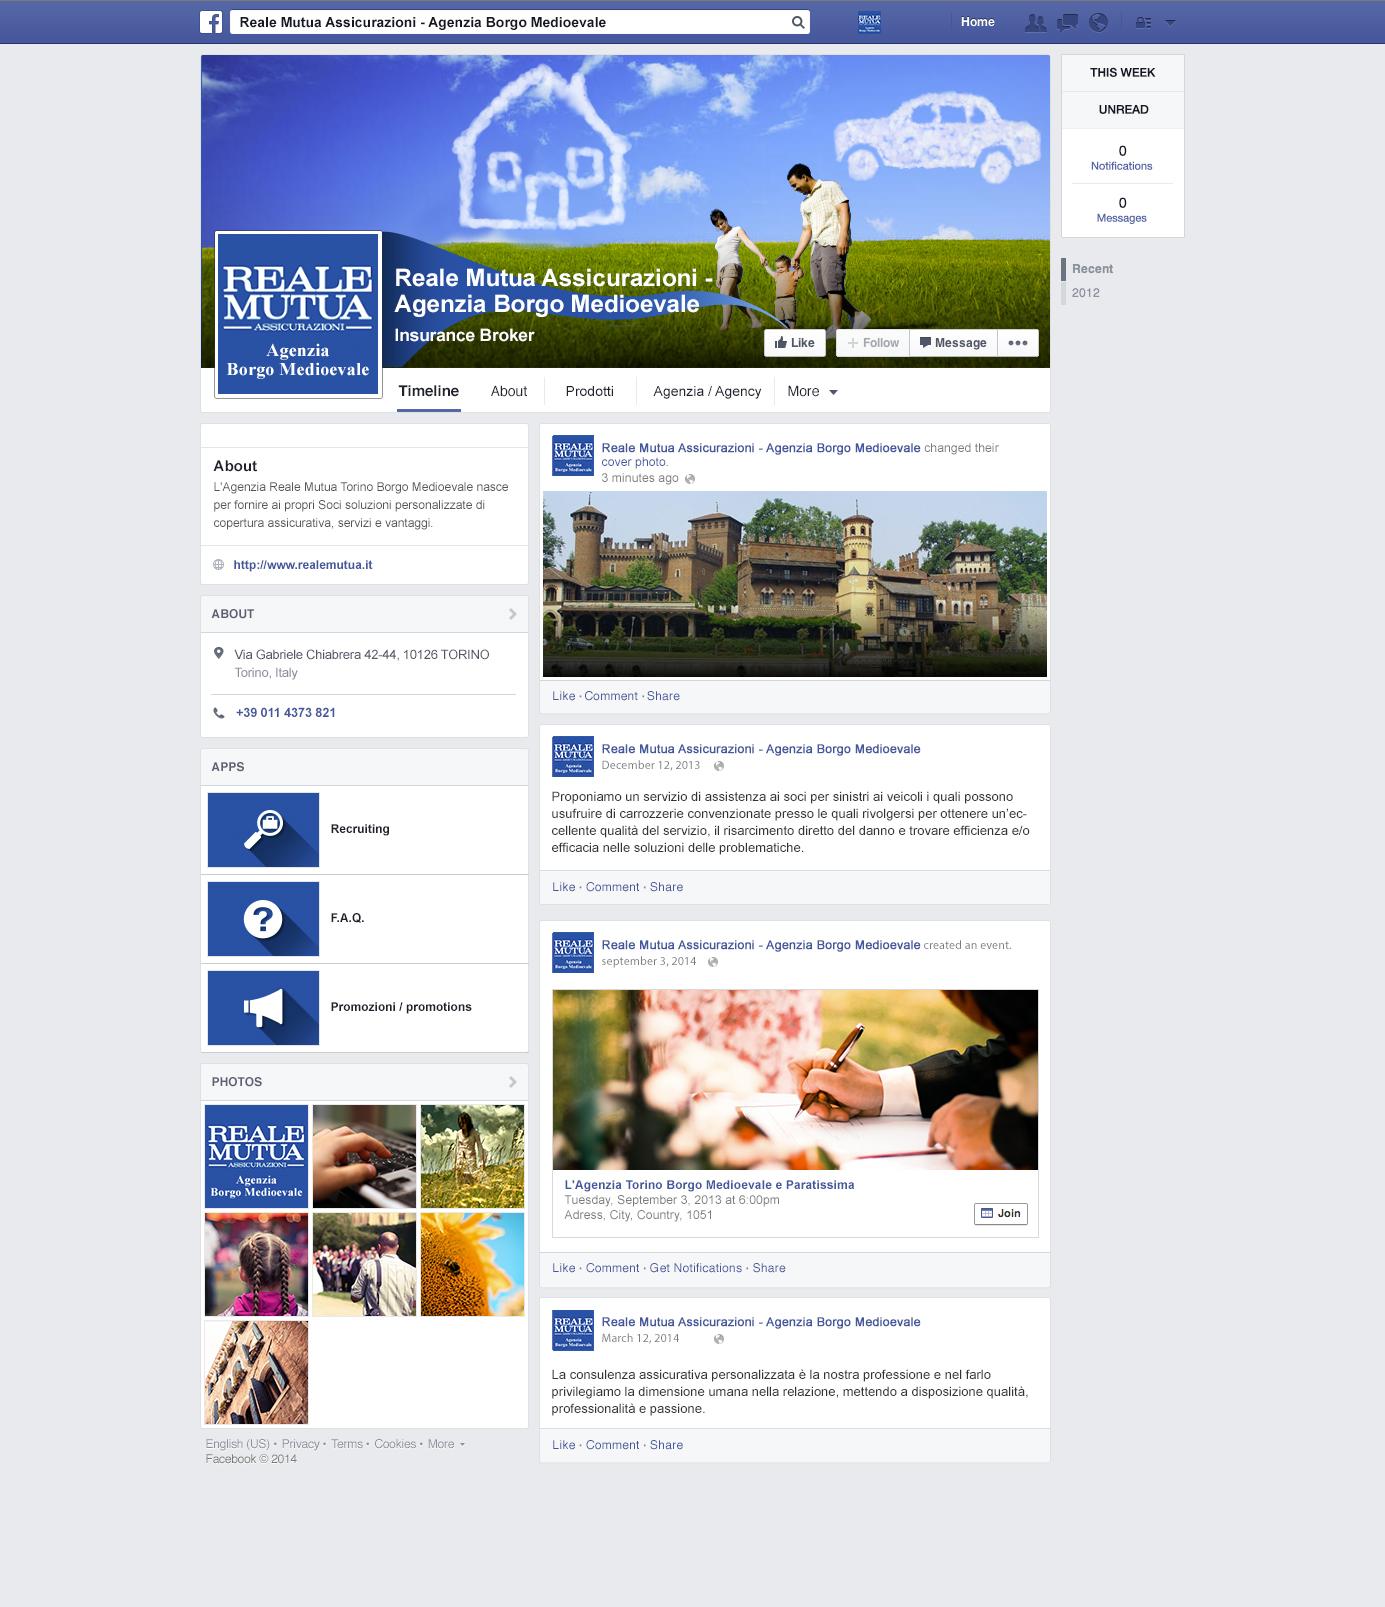 copertina-pagina-facebook